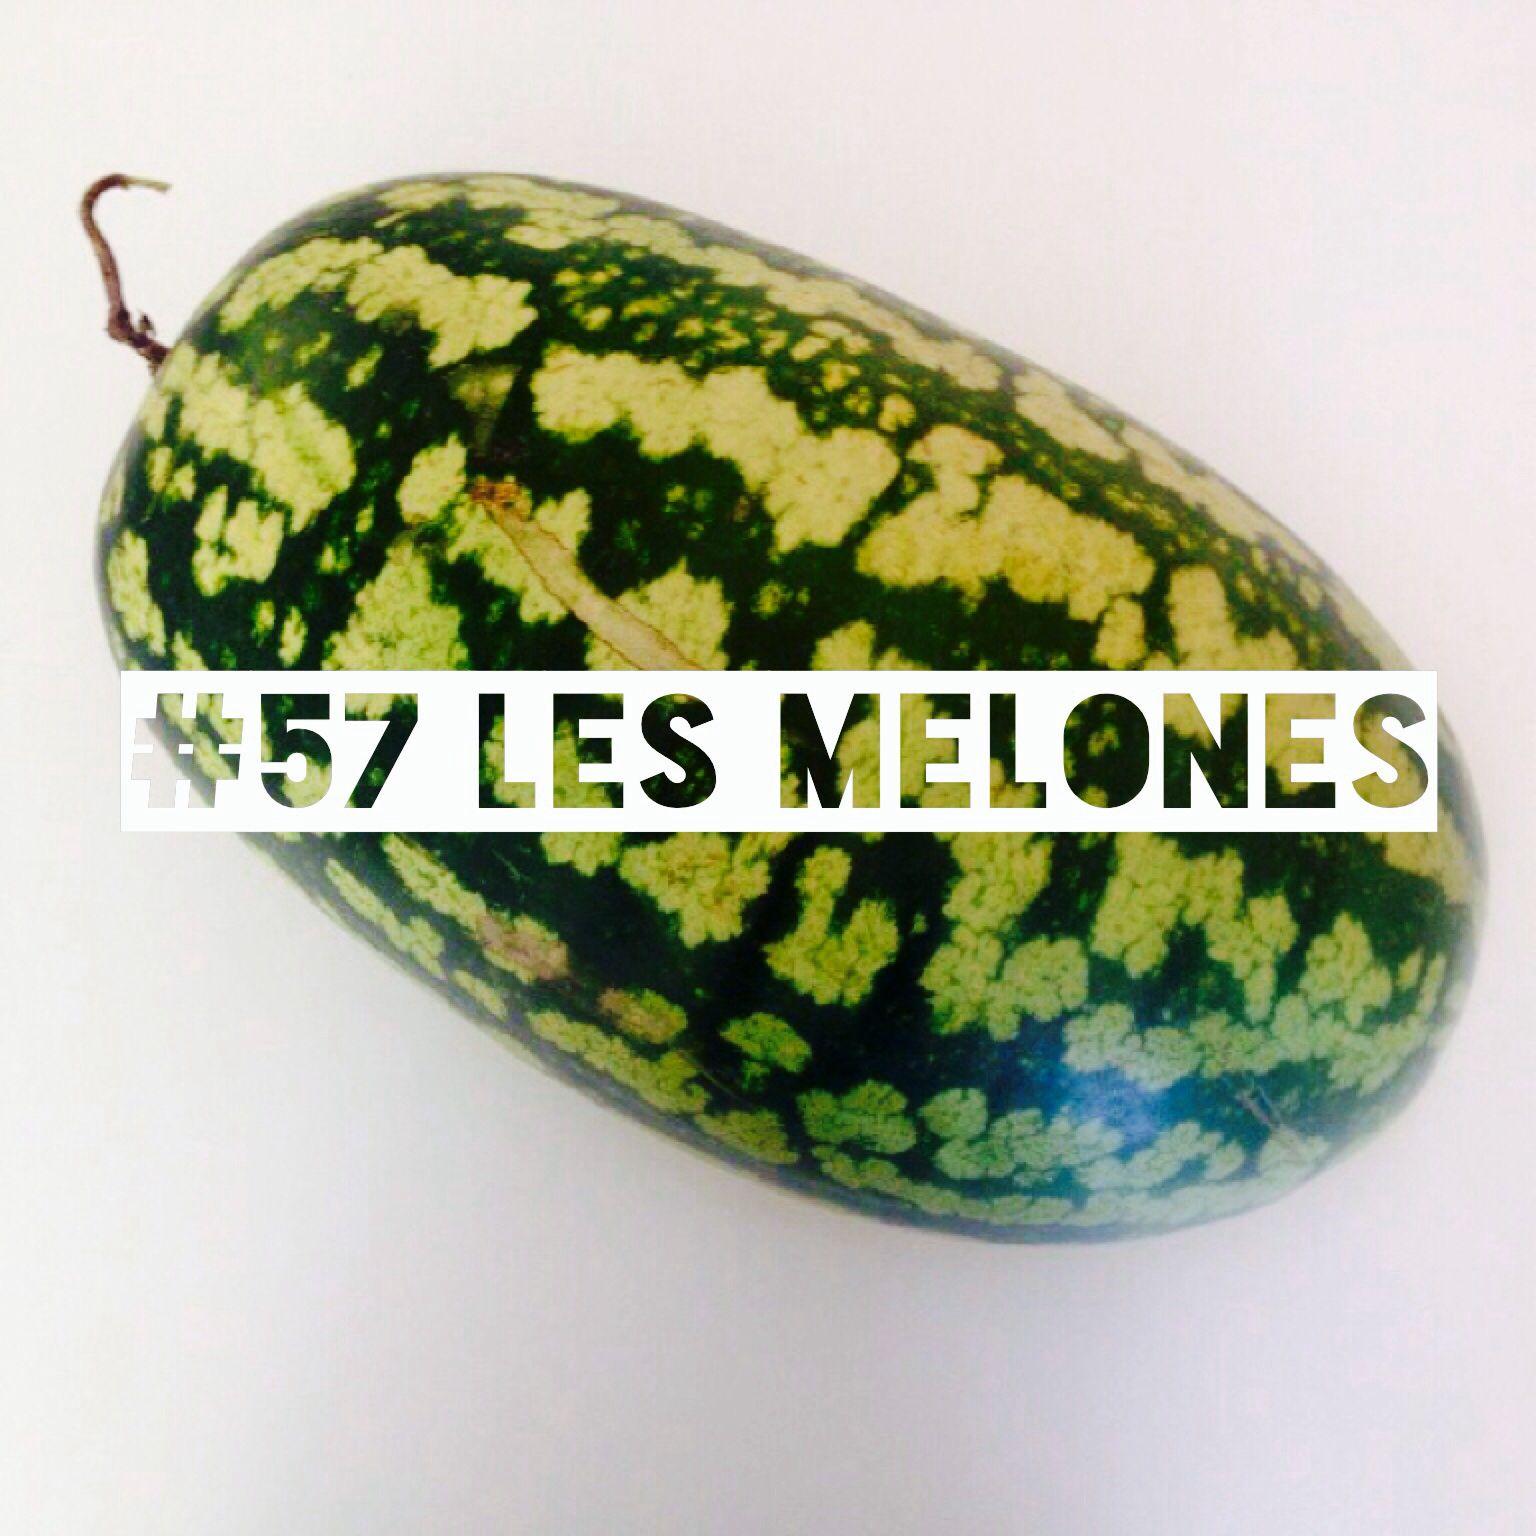 #57 les melones